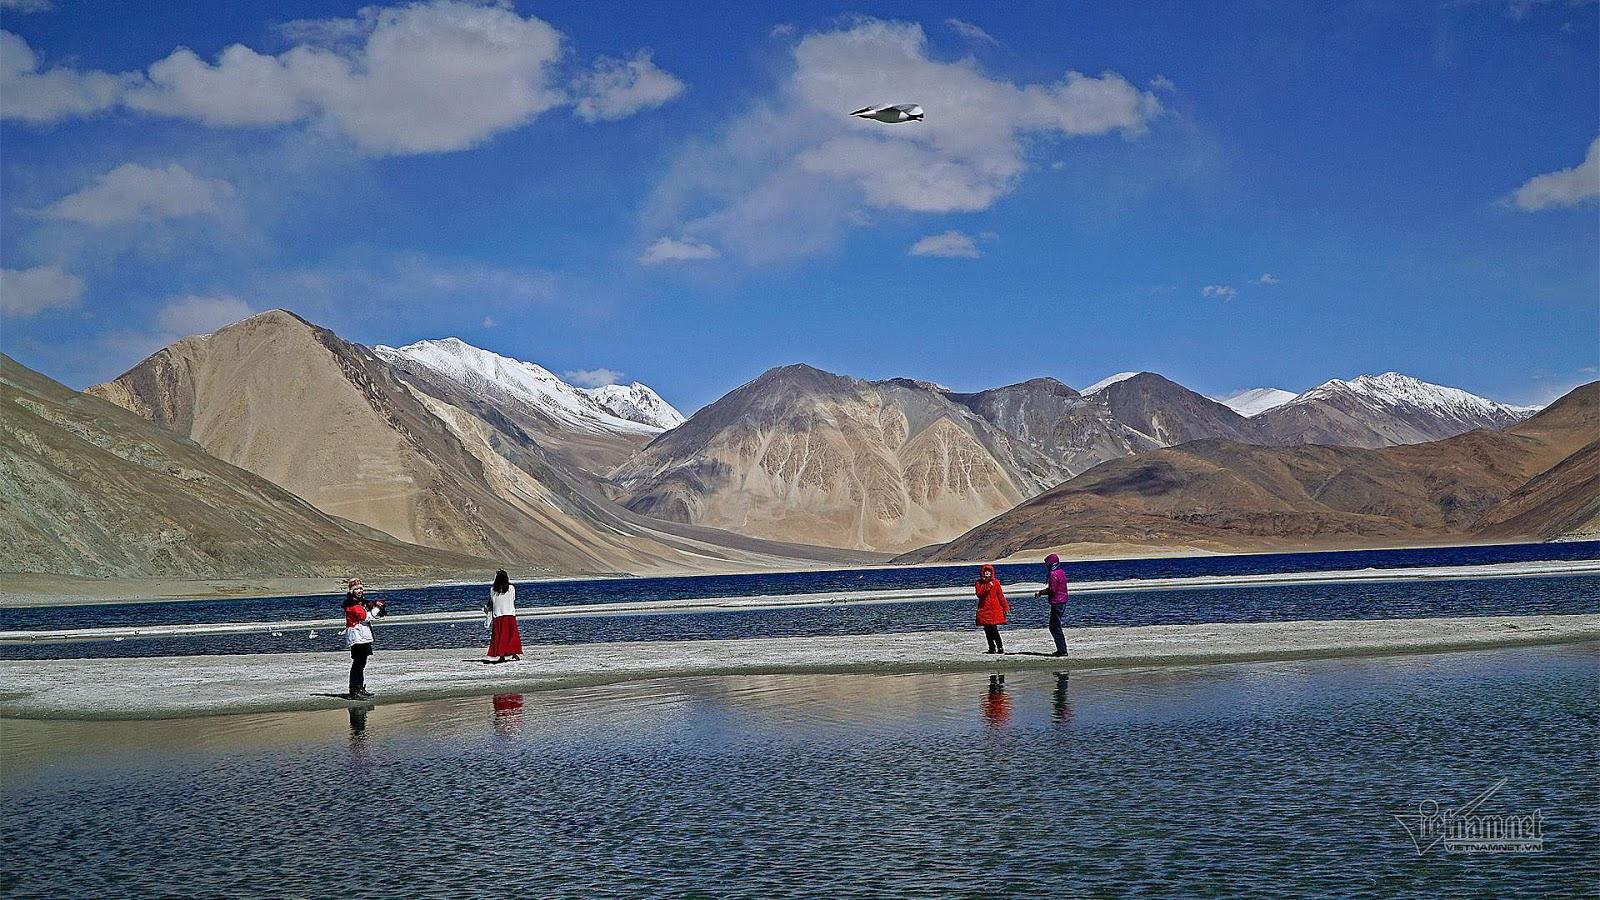 Khám phá vẻ đẹp huyền bí hồ Pangong - Ảnh 11